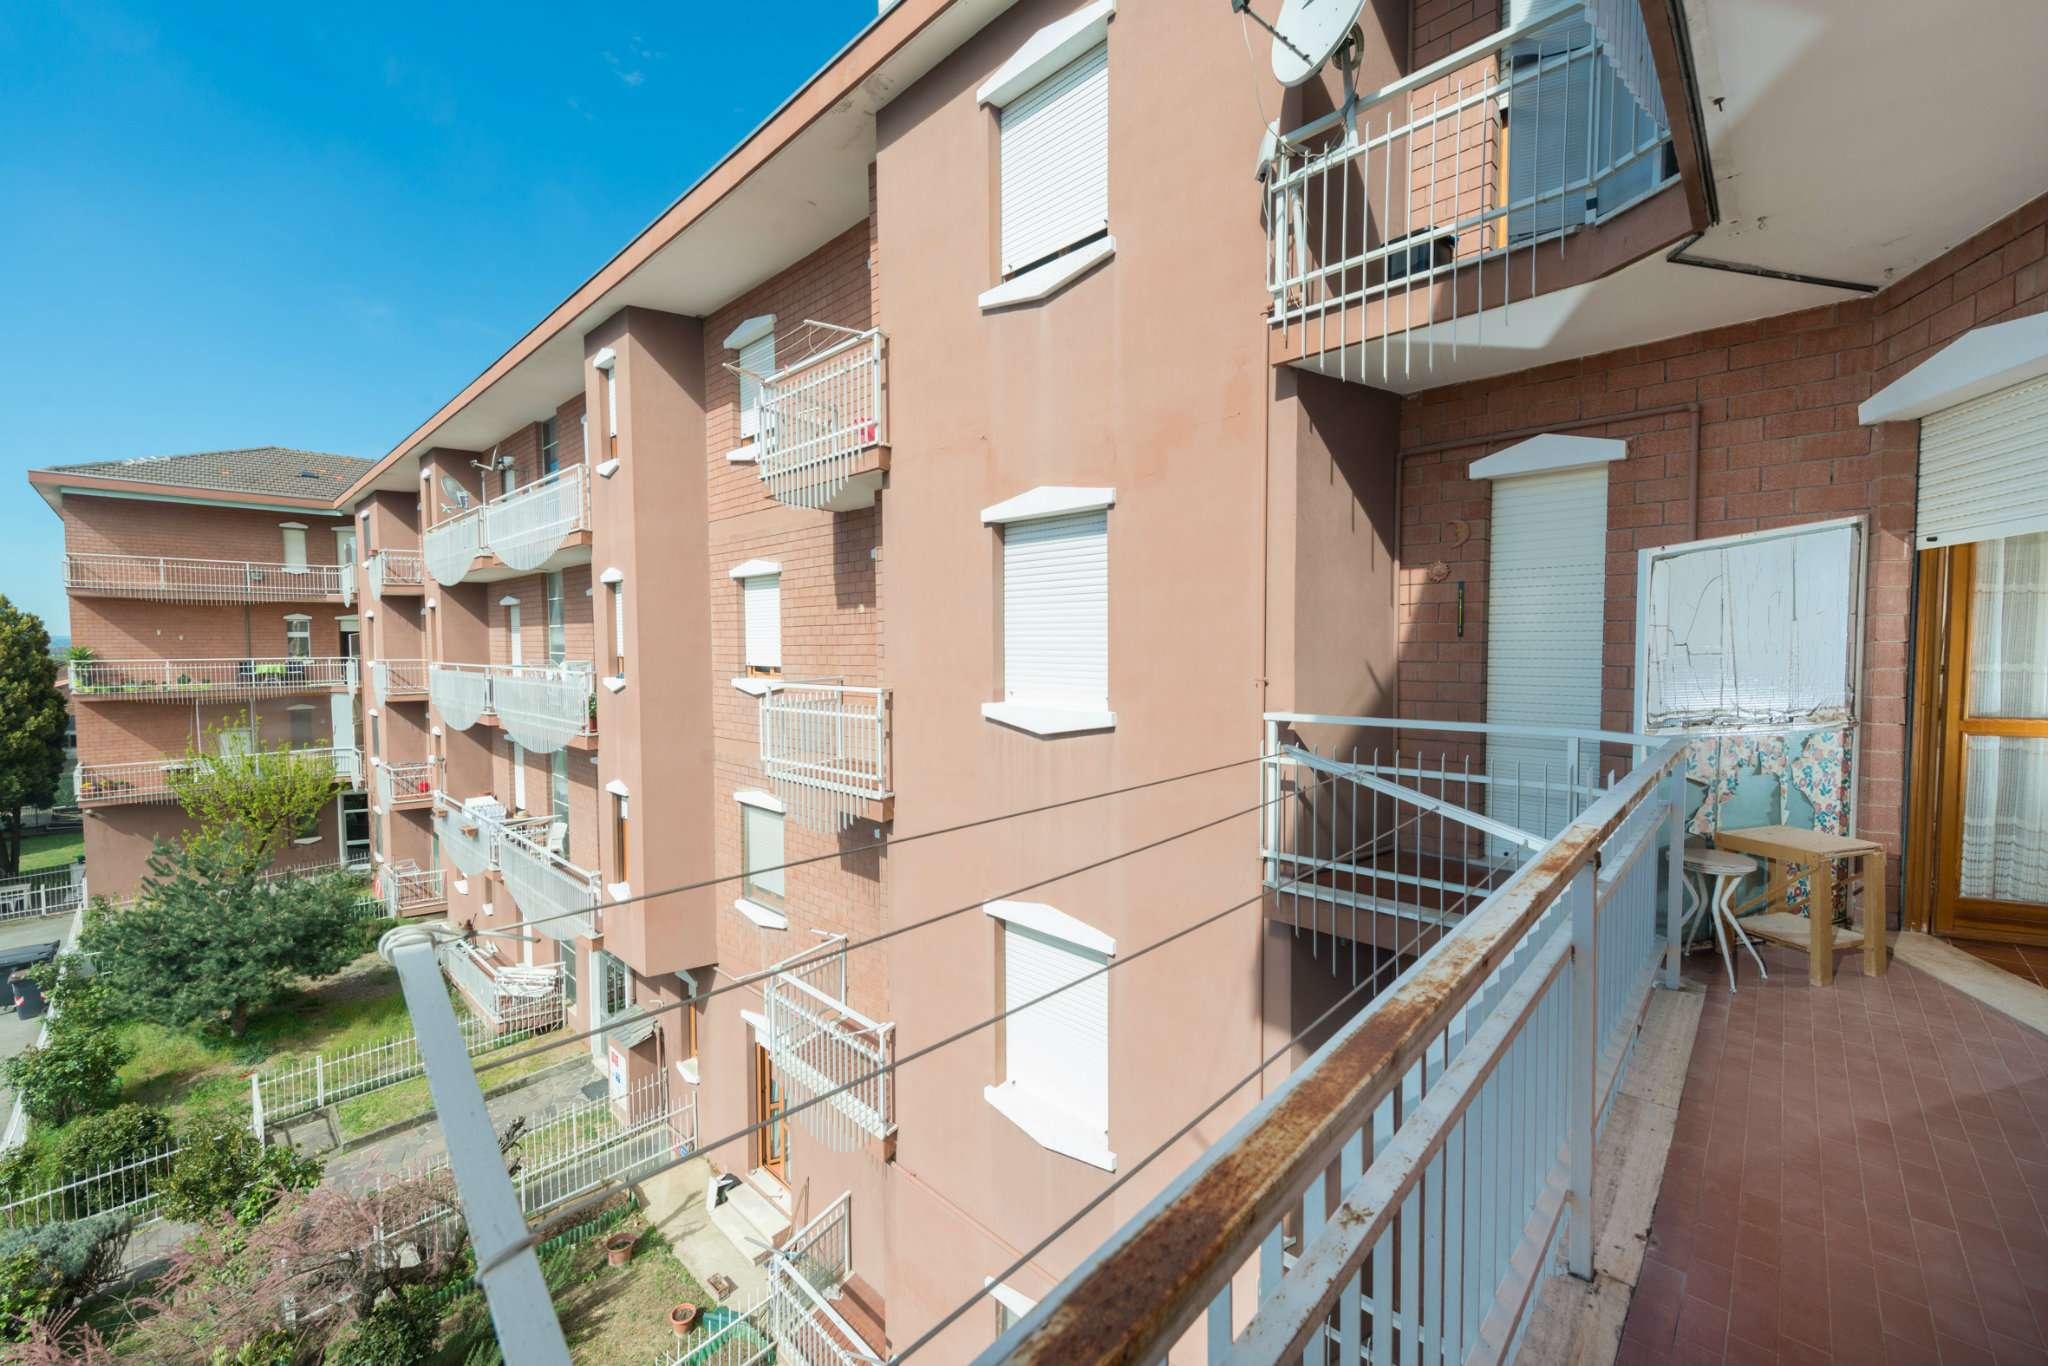 Appartamento in vendita a Frugarolo, 4 locali, prezzo € 65.000 | CambioCasa.it